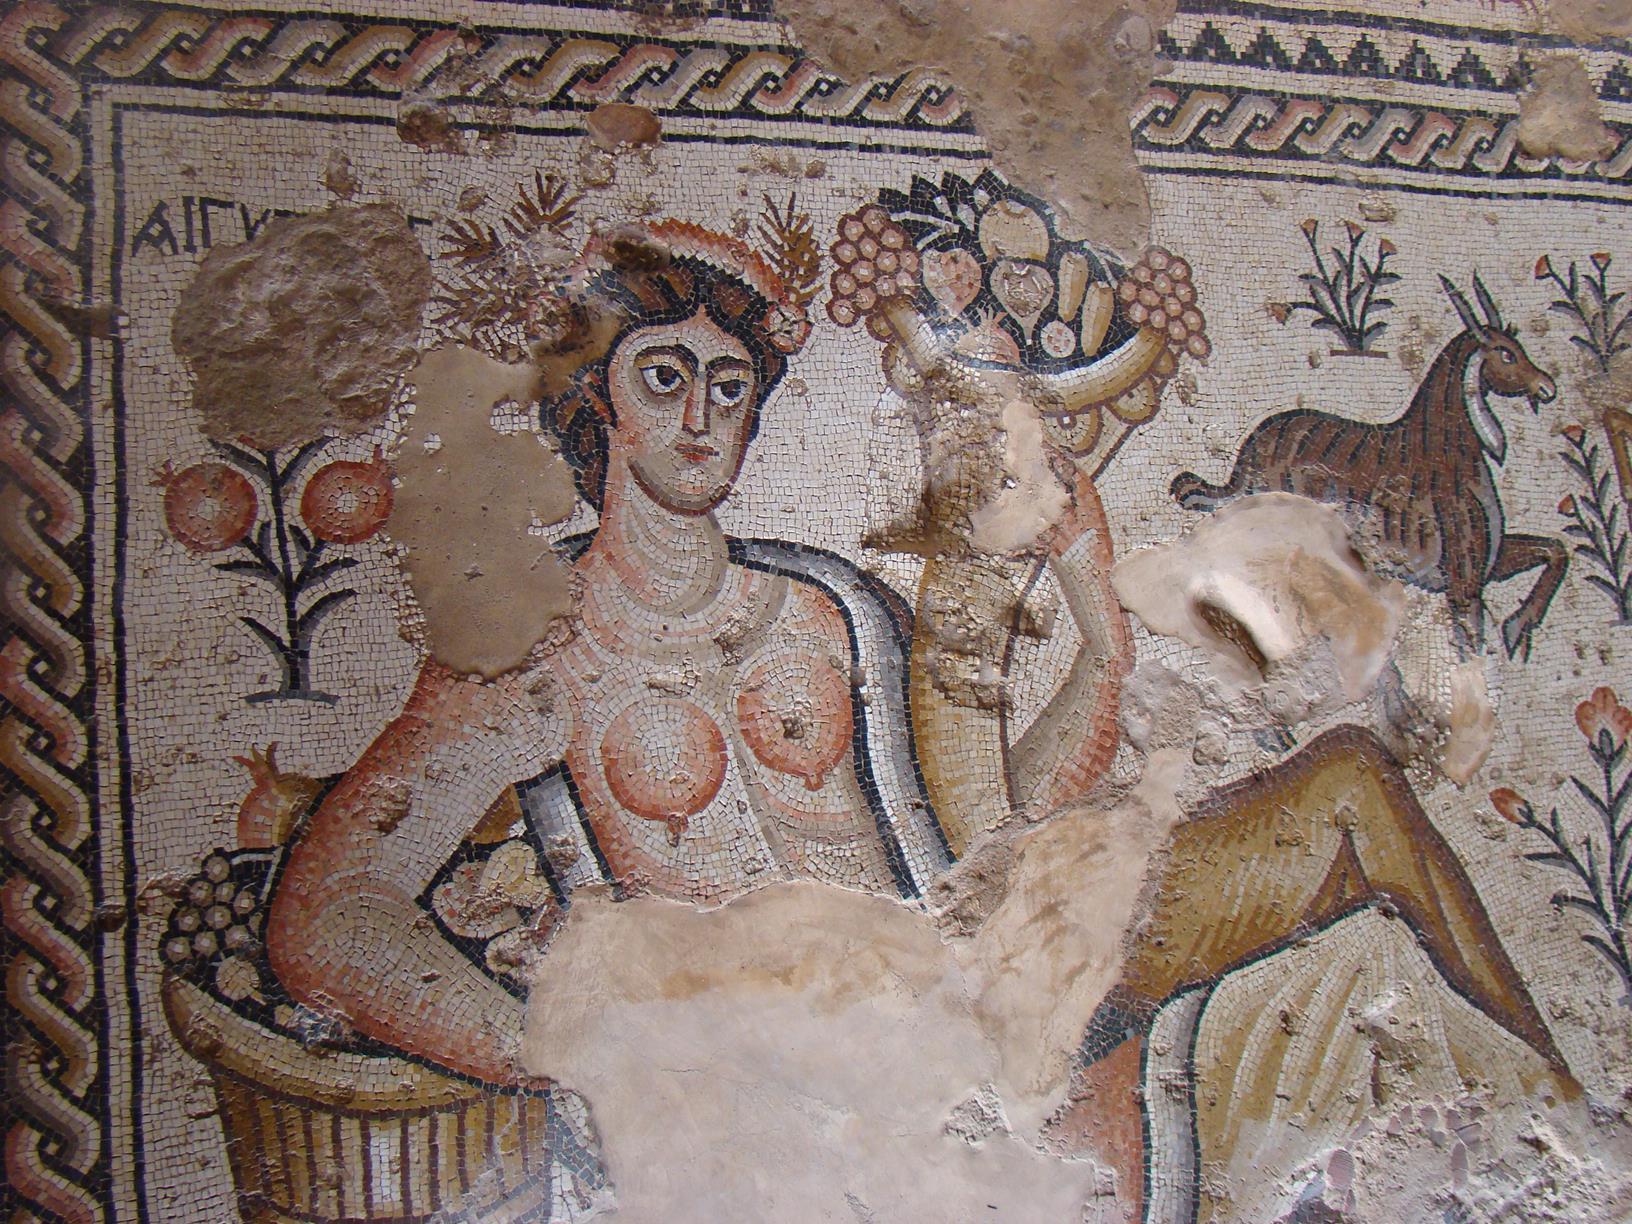 דמות מצרים מפסיפס בית חג הנילוס מציפורי.jpg